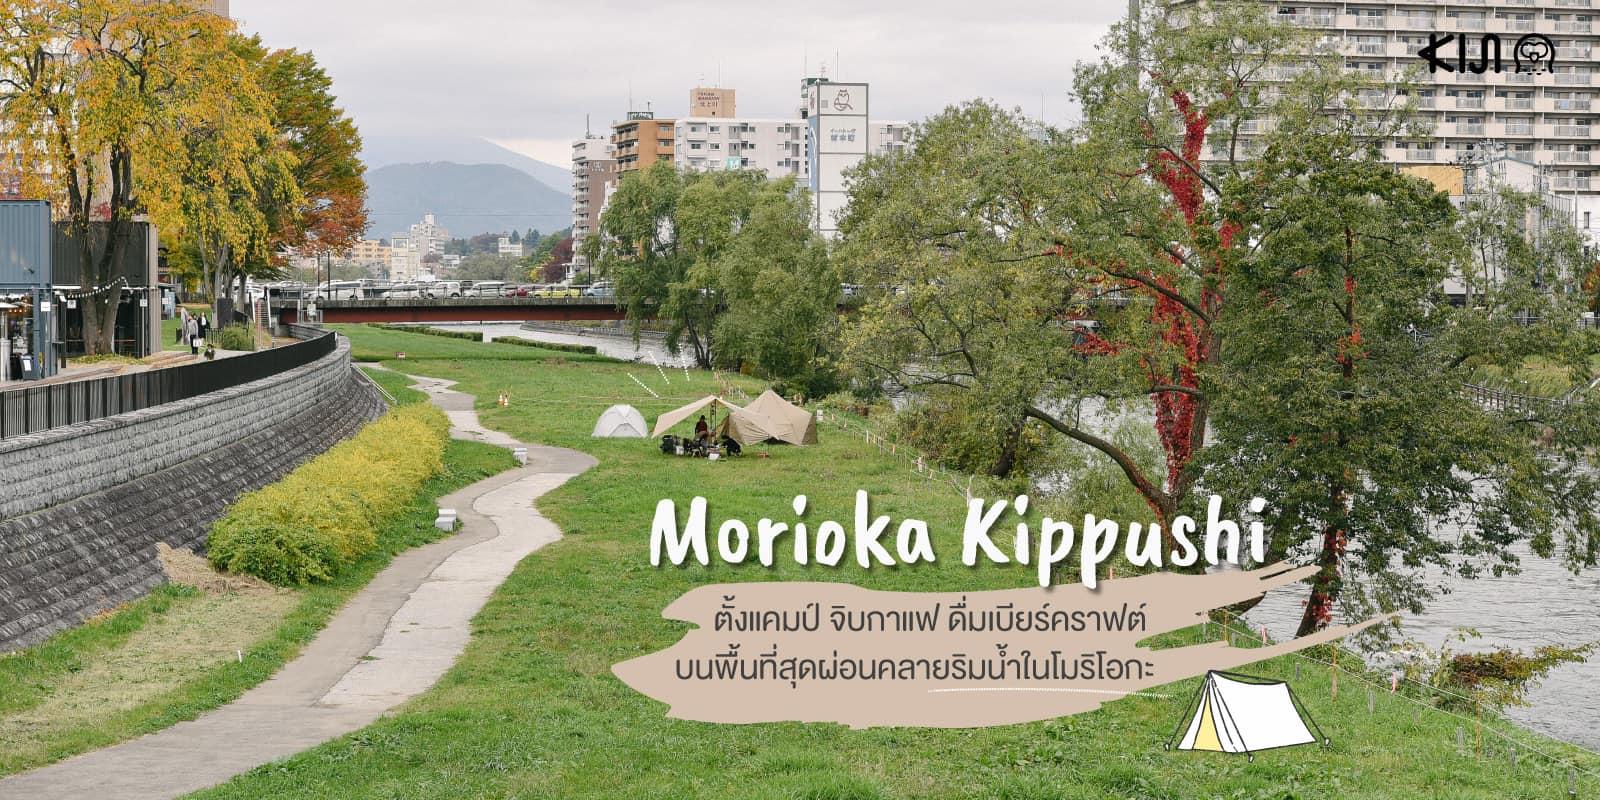 เที่ยวอิวาเตะ ที่ โมริโอกะคิปปุชิ (Morioka Kippushi)